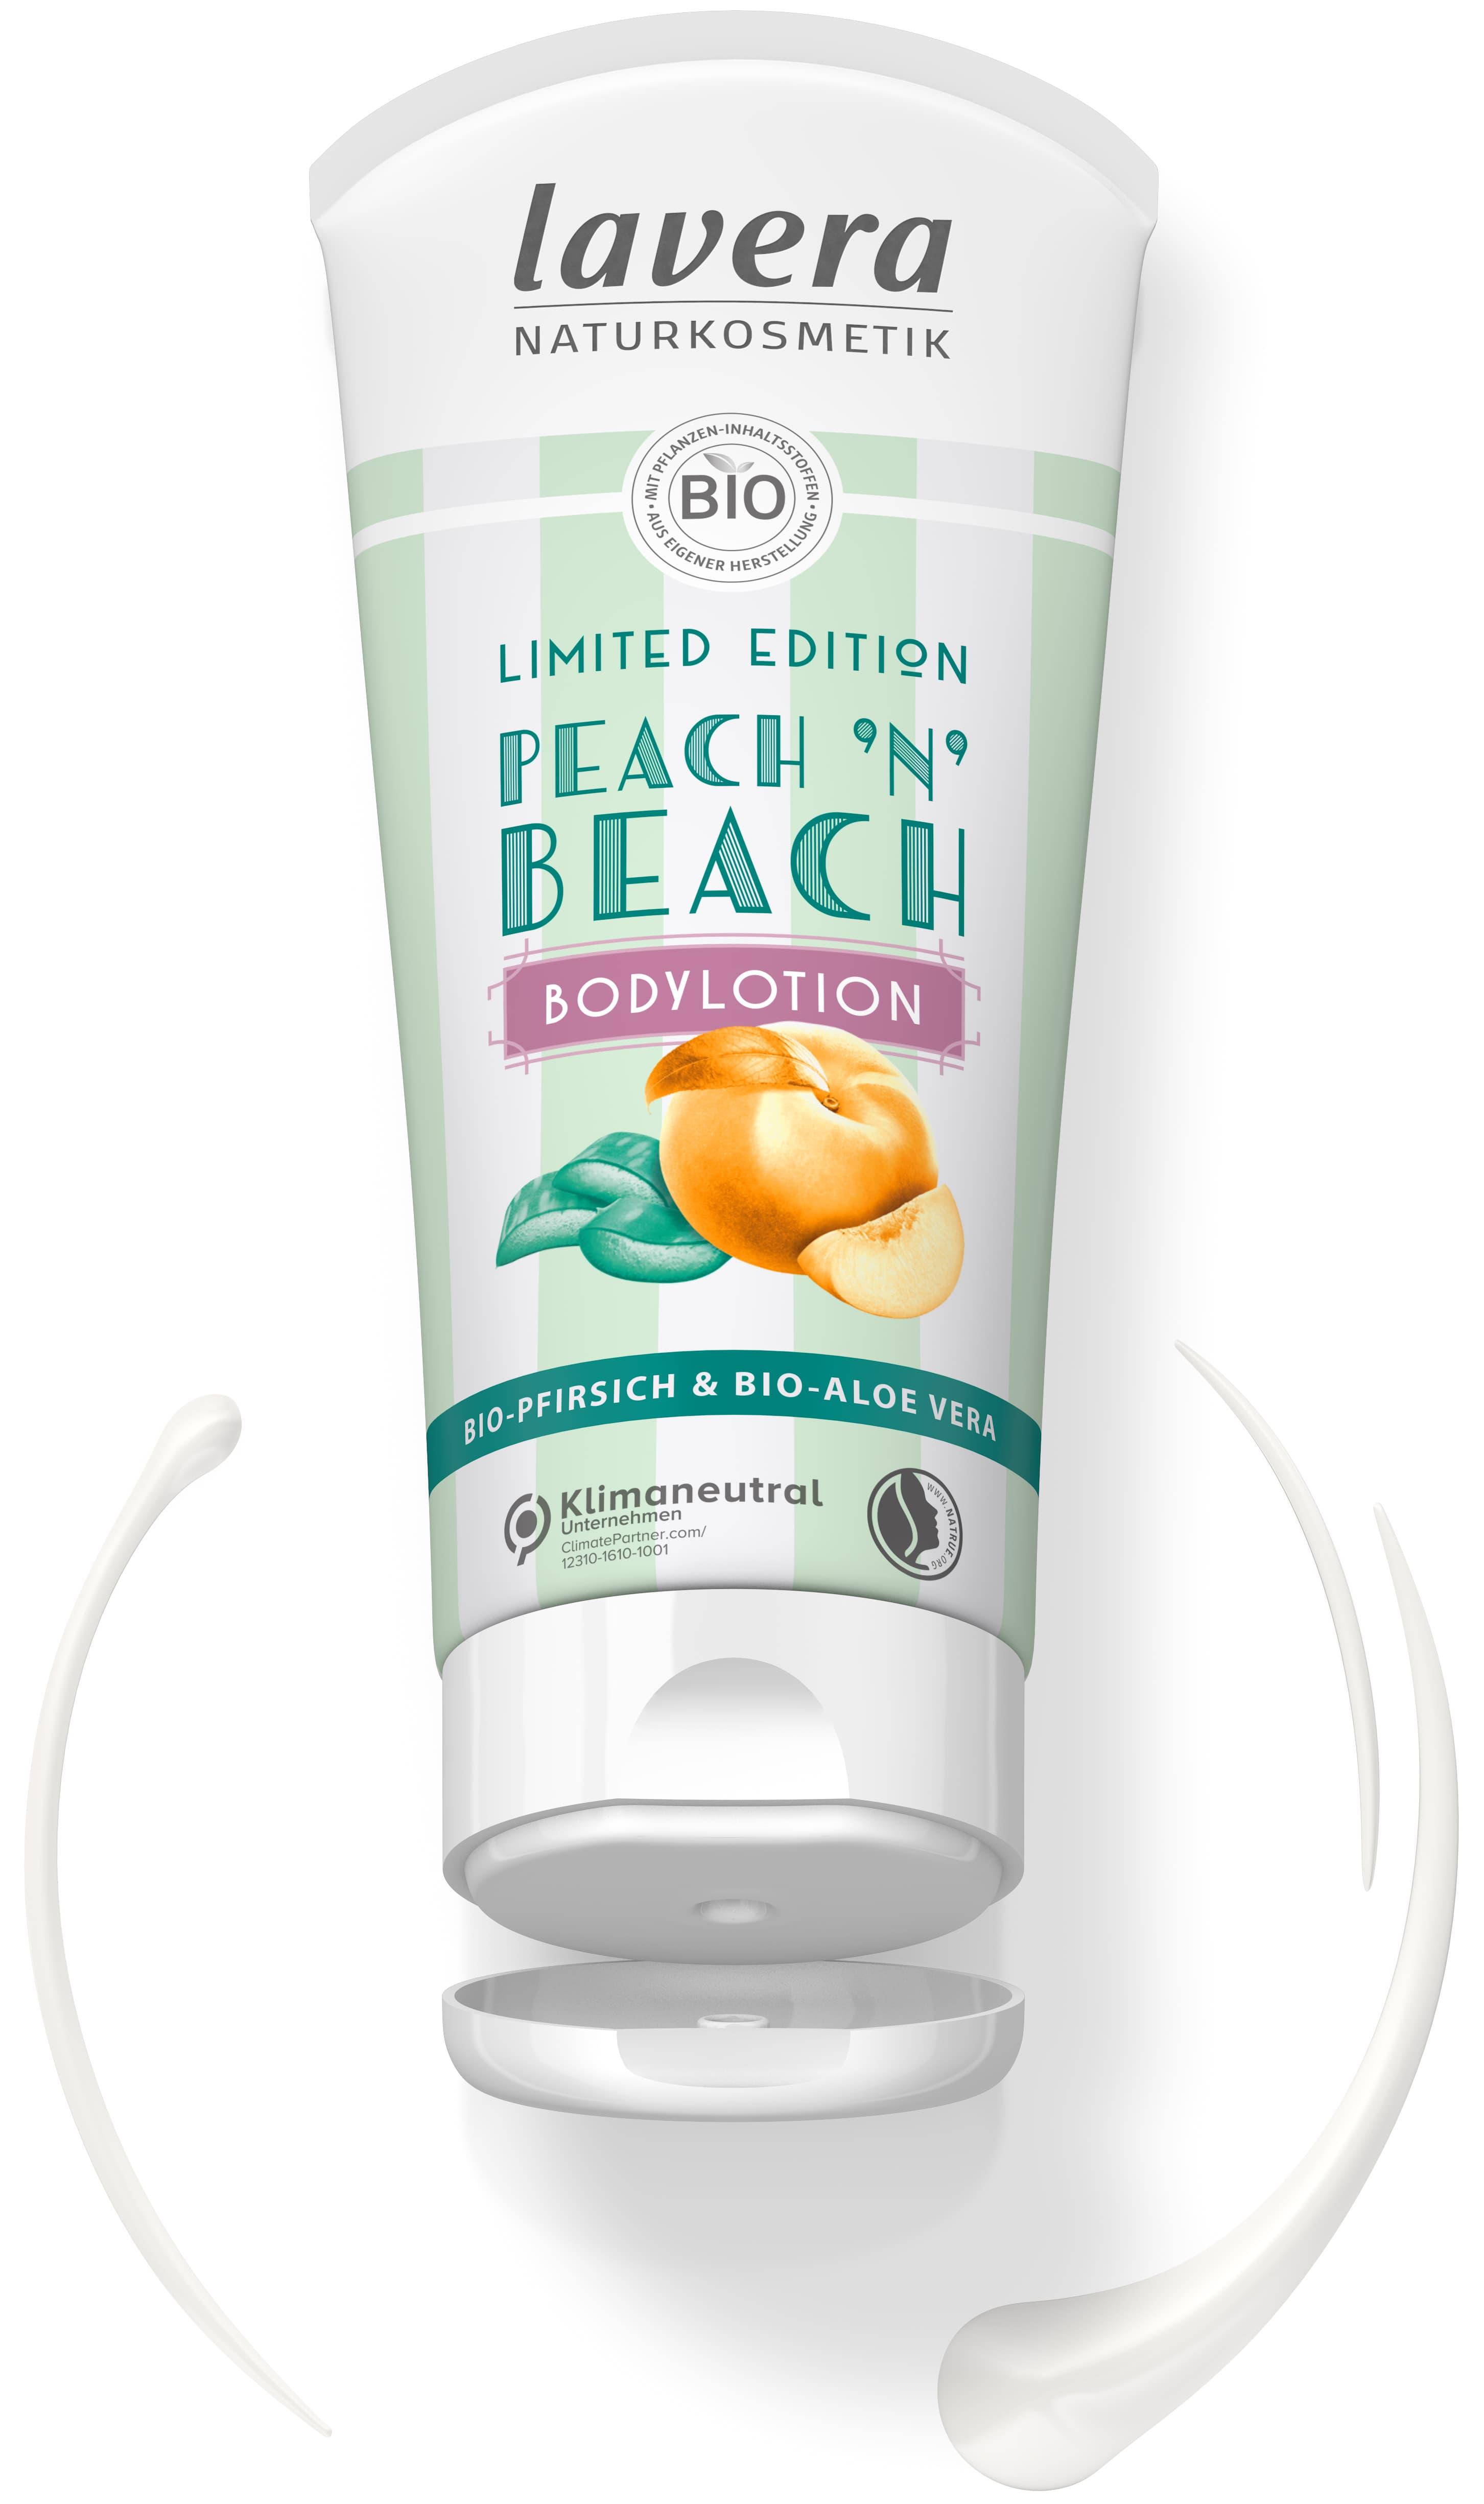 Peach 'n' Beach Bodylotion (Limited Edition)